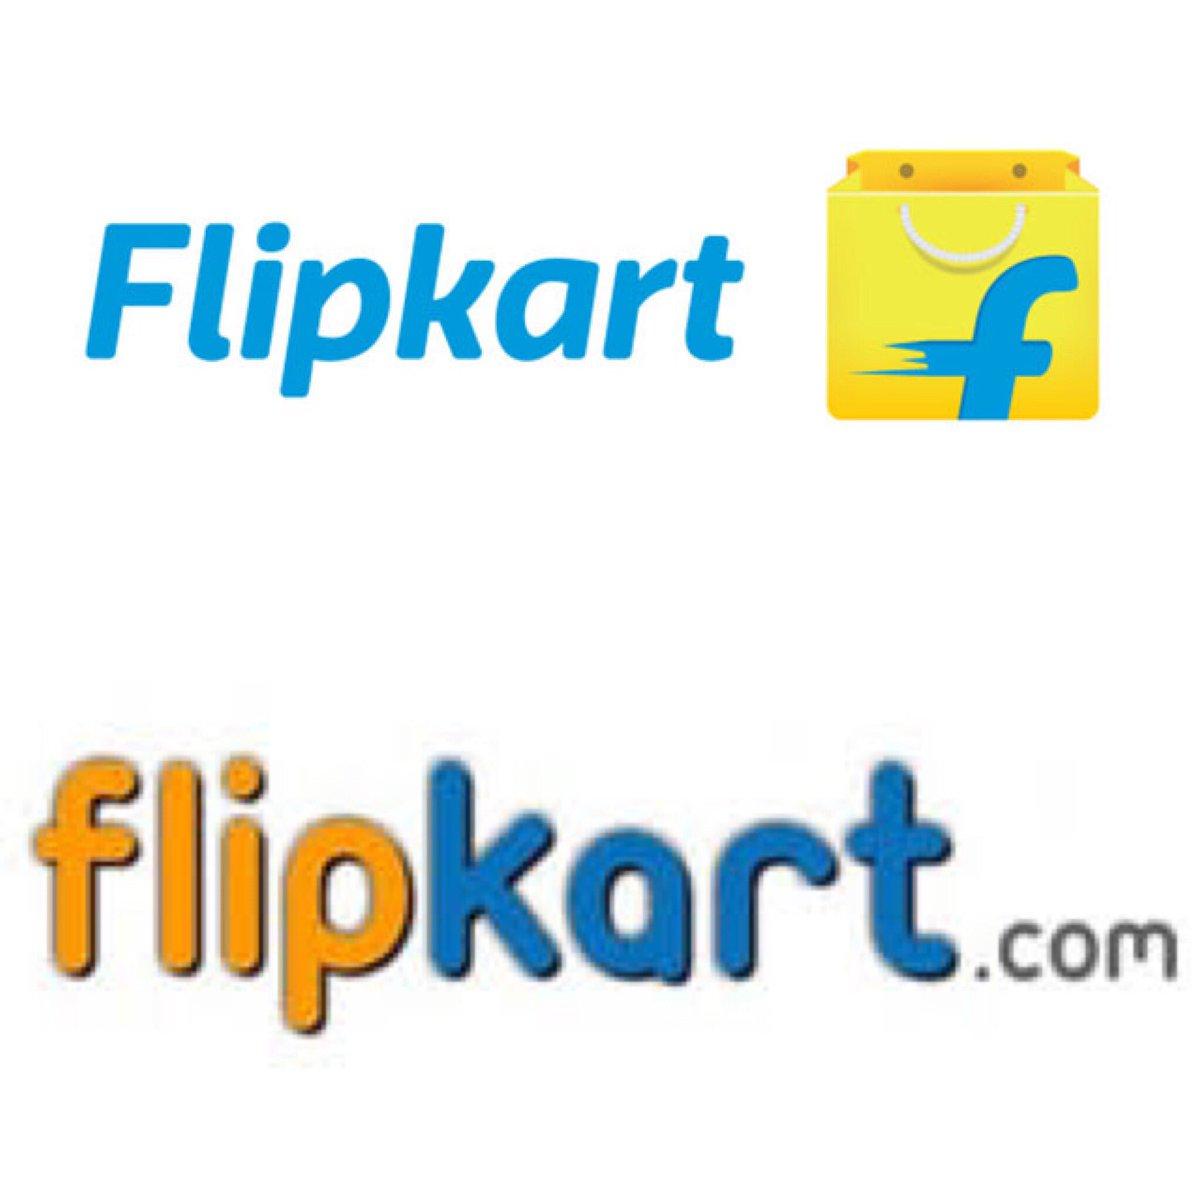 Flipkart Twitter Backward When Alarmed Noisy Cricket Mk Ii Amplifier Build Take One Followed